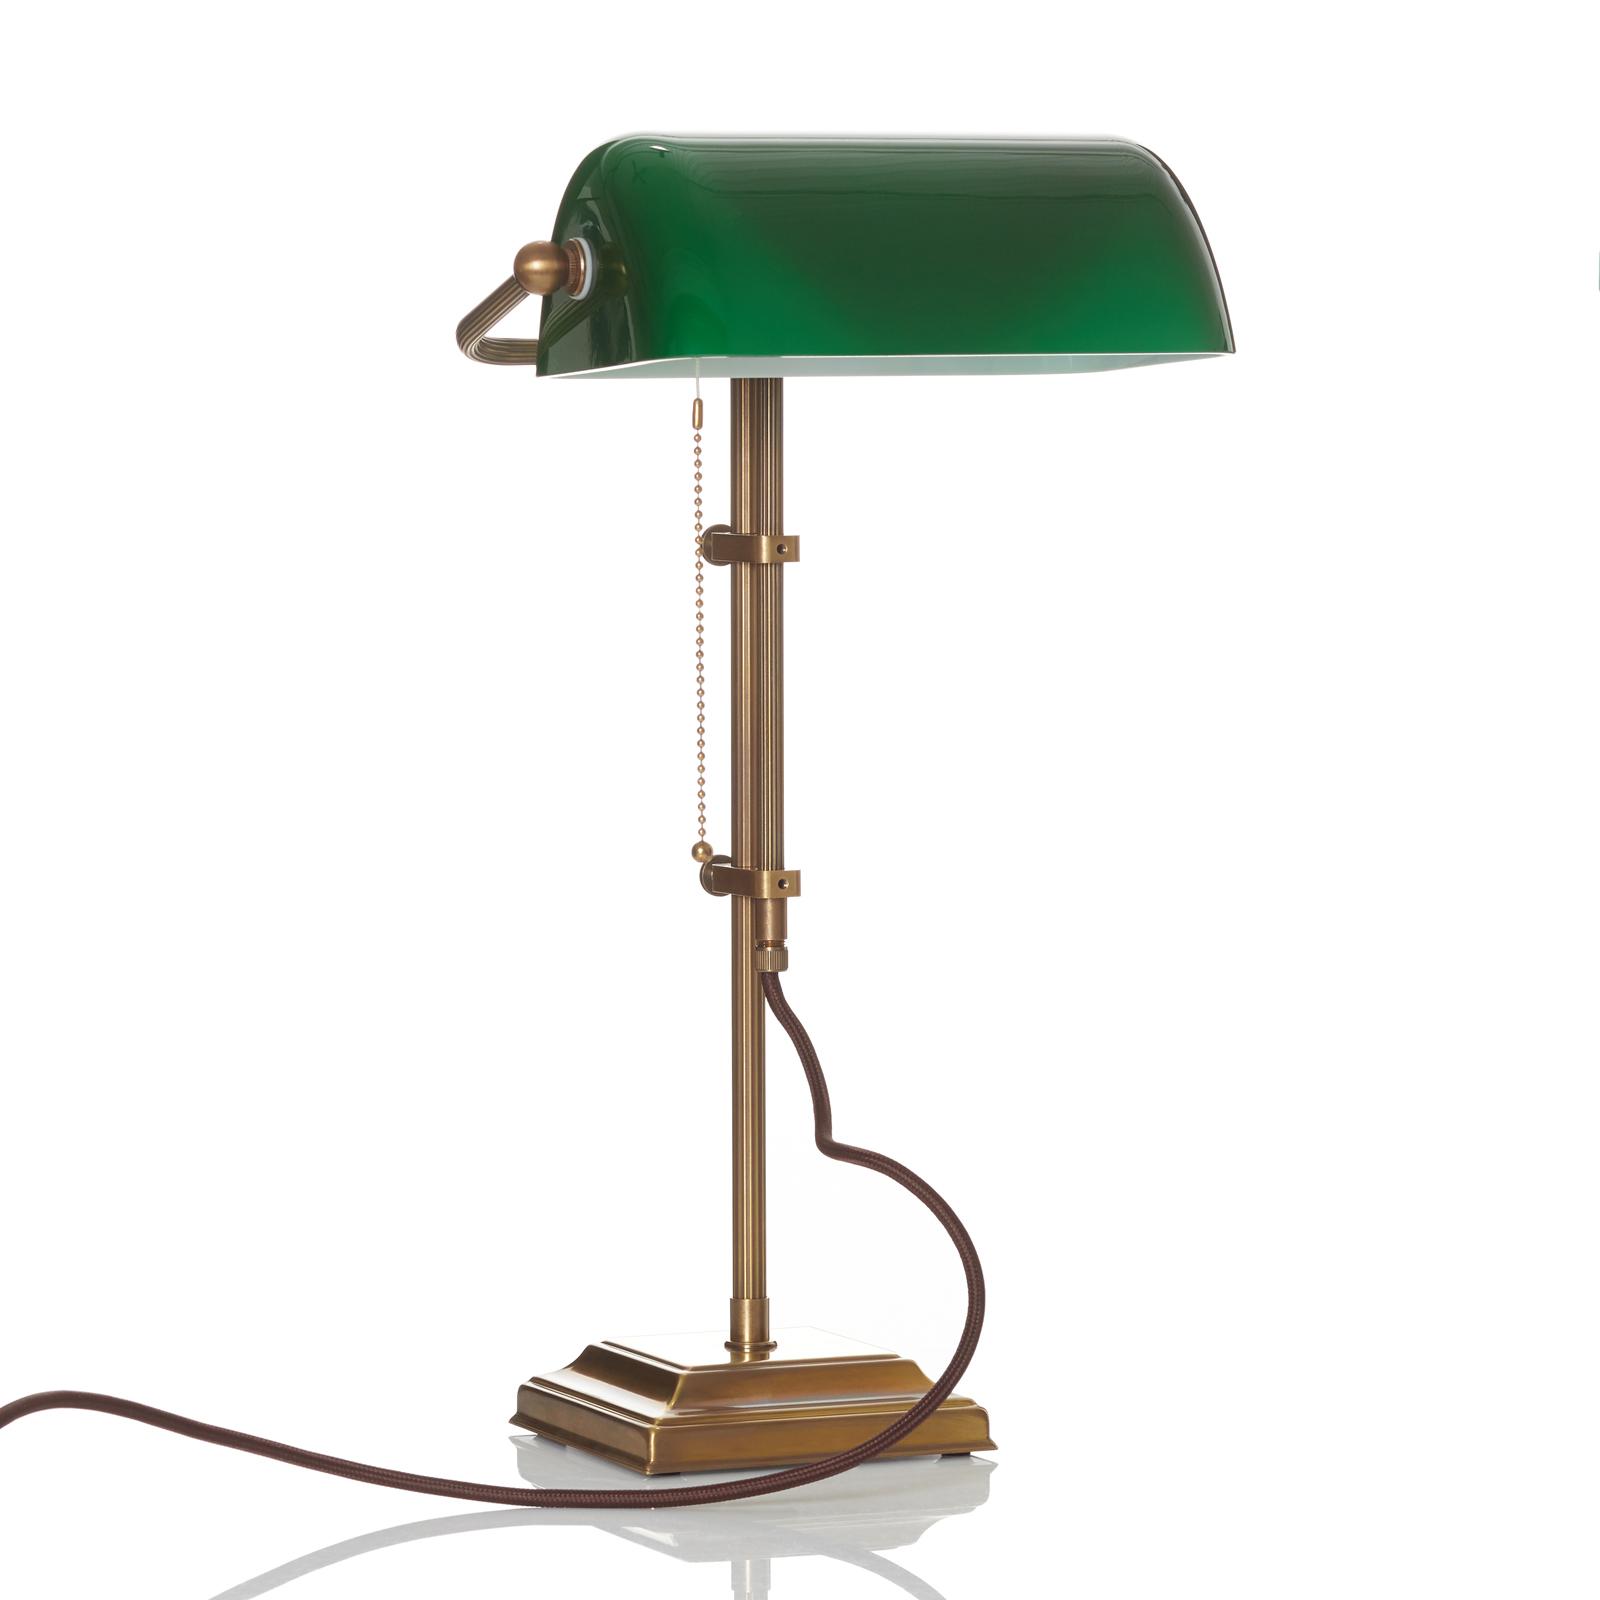 Den ægte banklampe TULSI